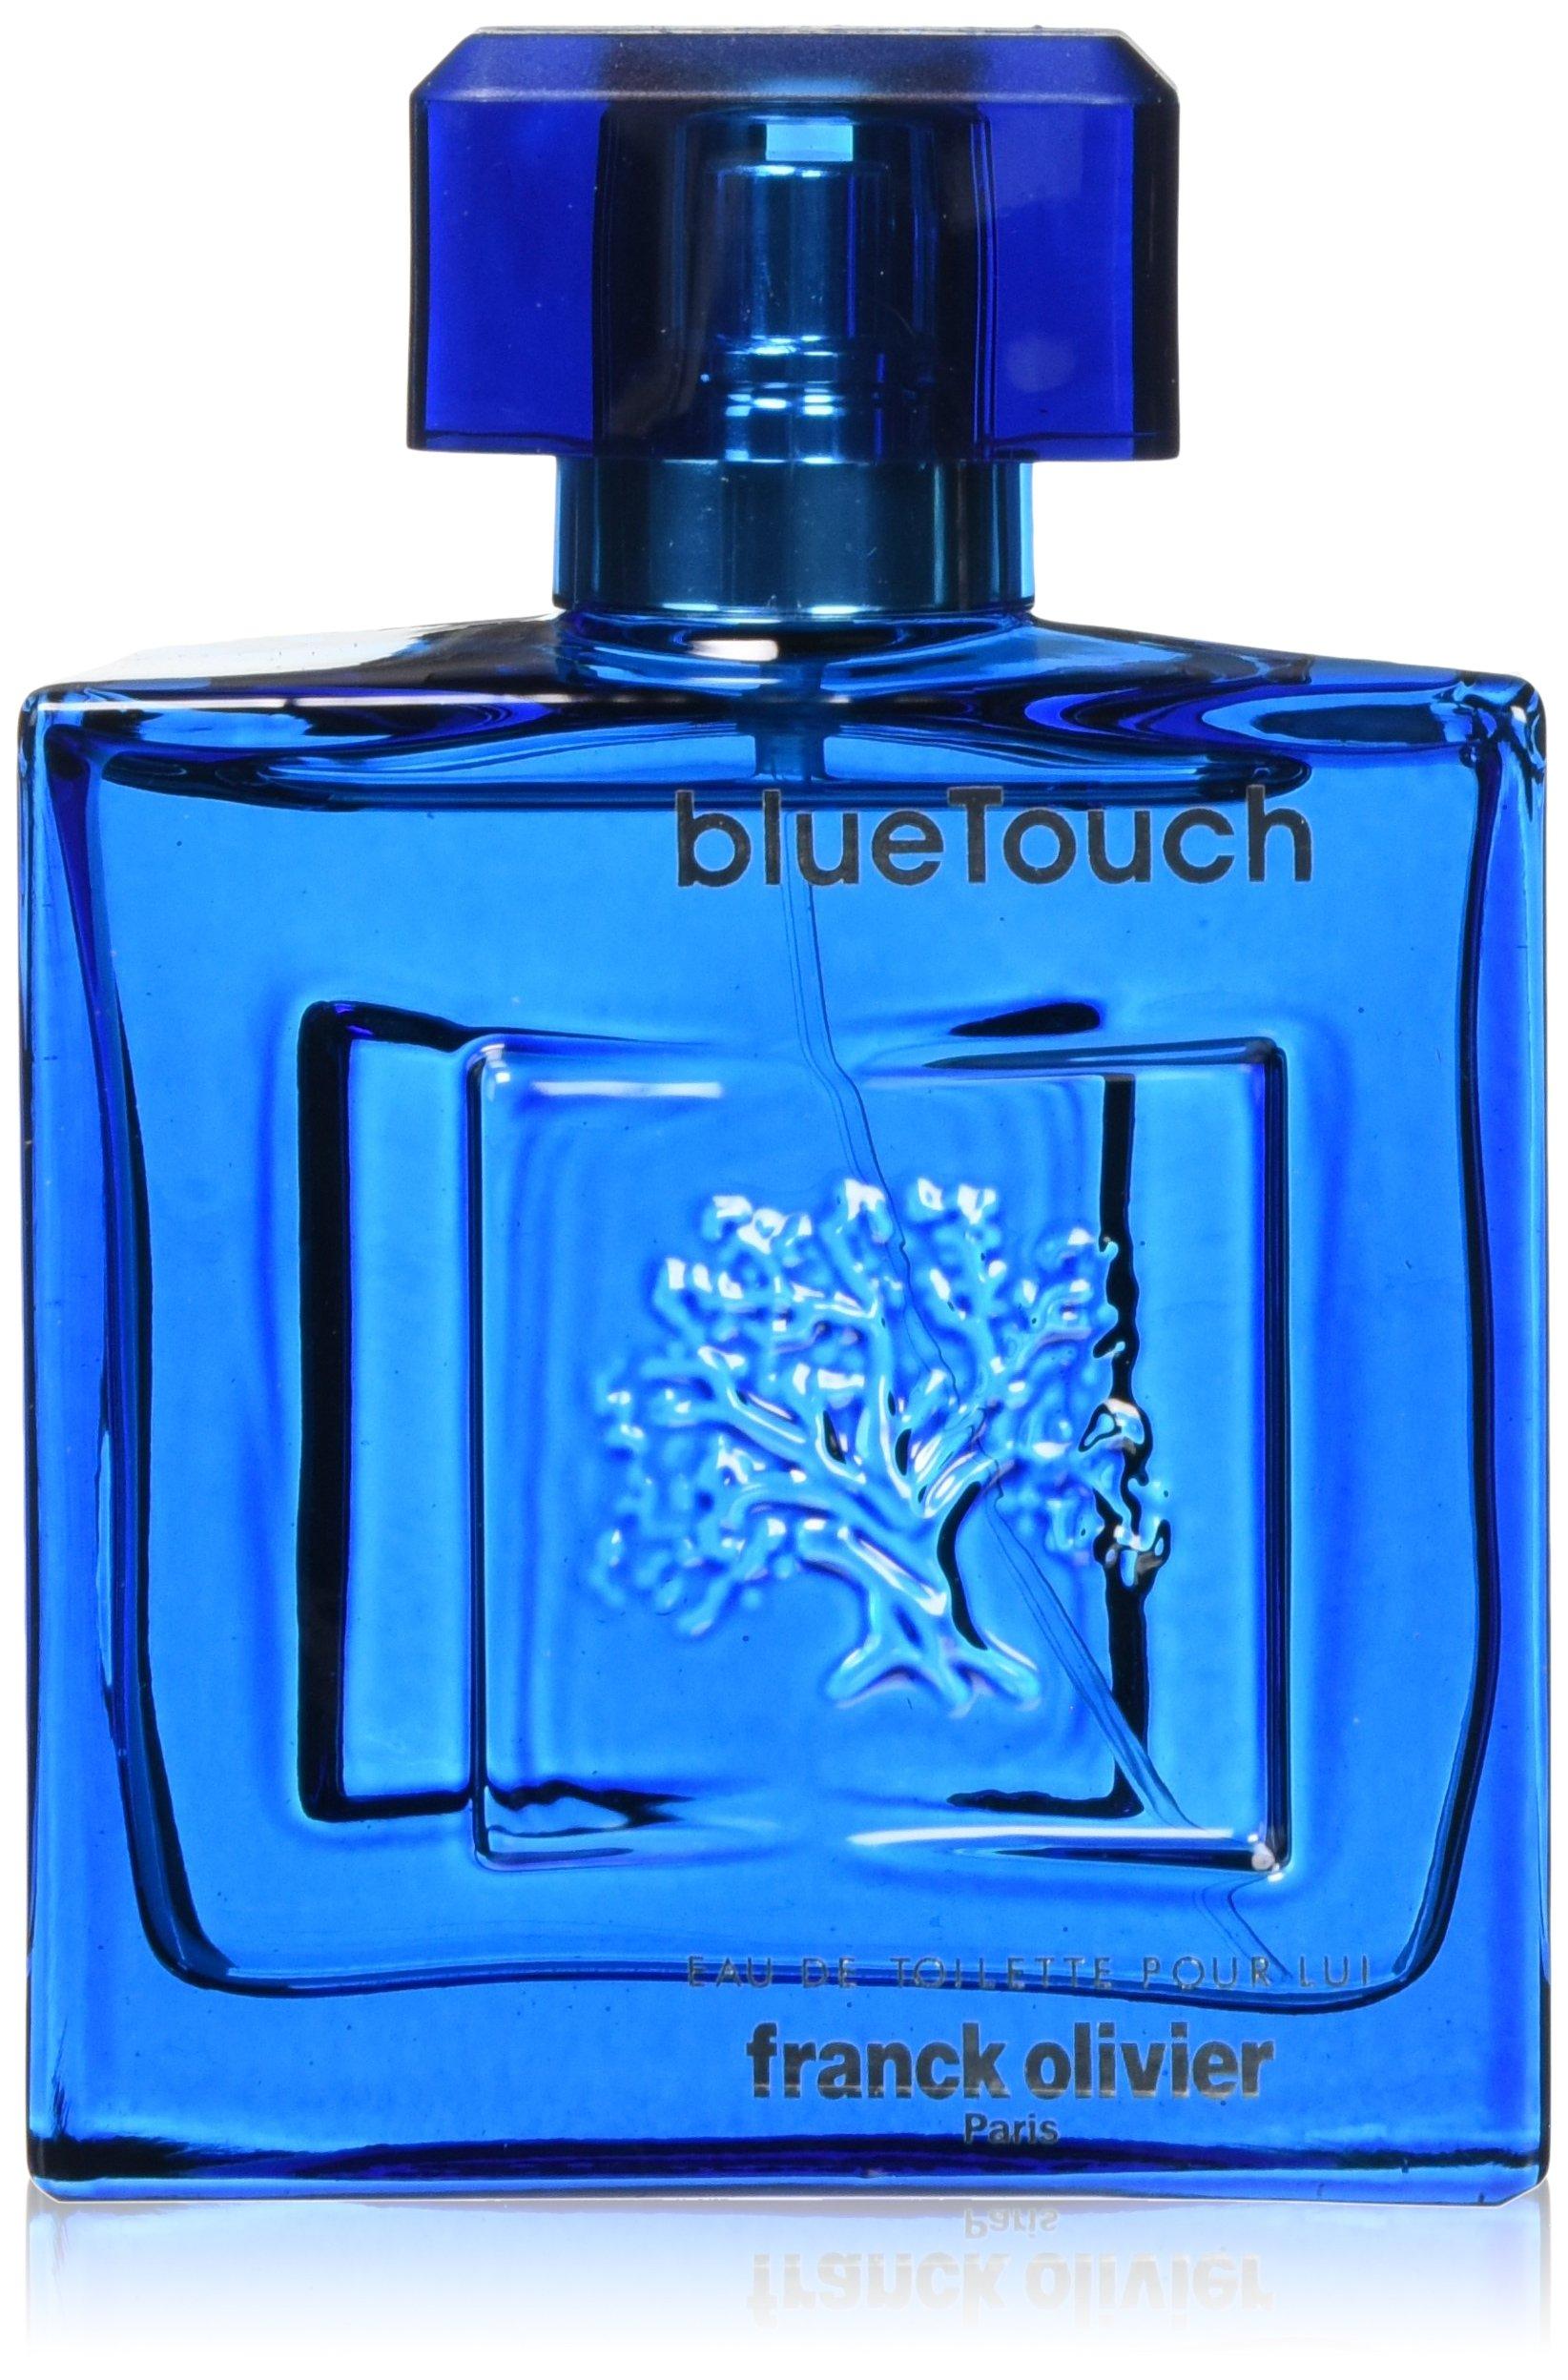 Franck Olivier Eau de Toilette Spray for Men, Blue Touch, 3.4 Ounce